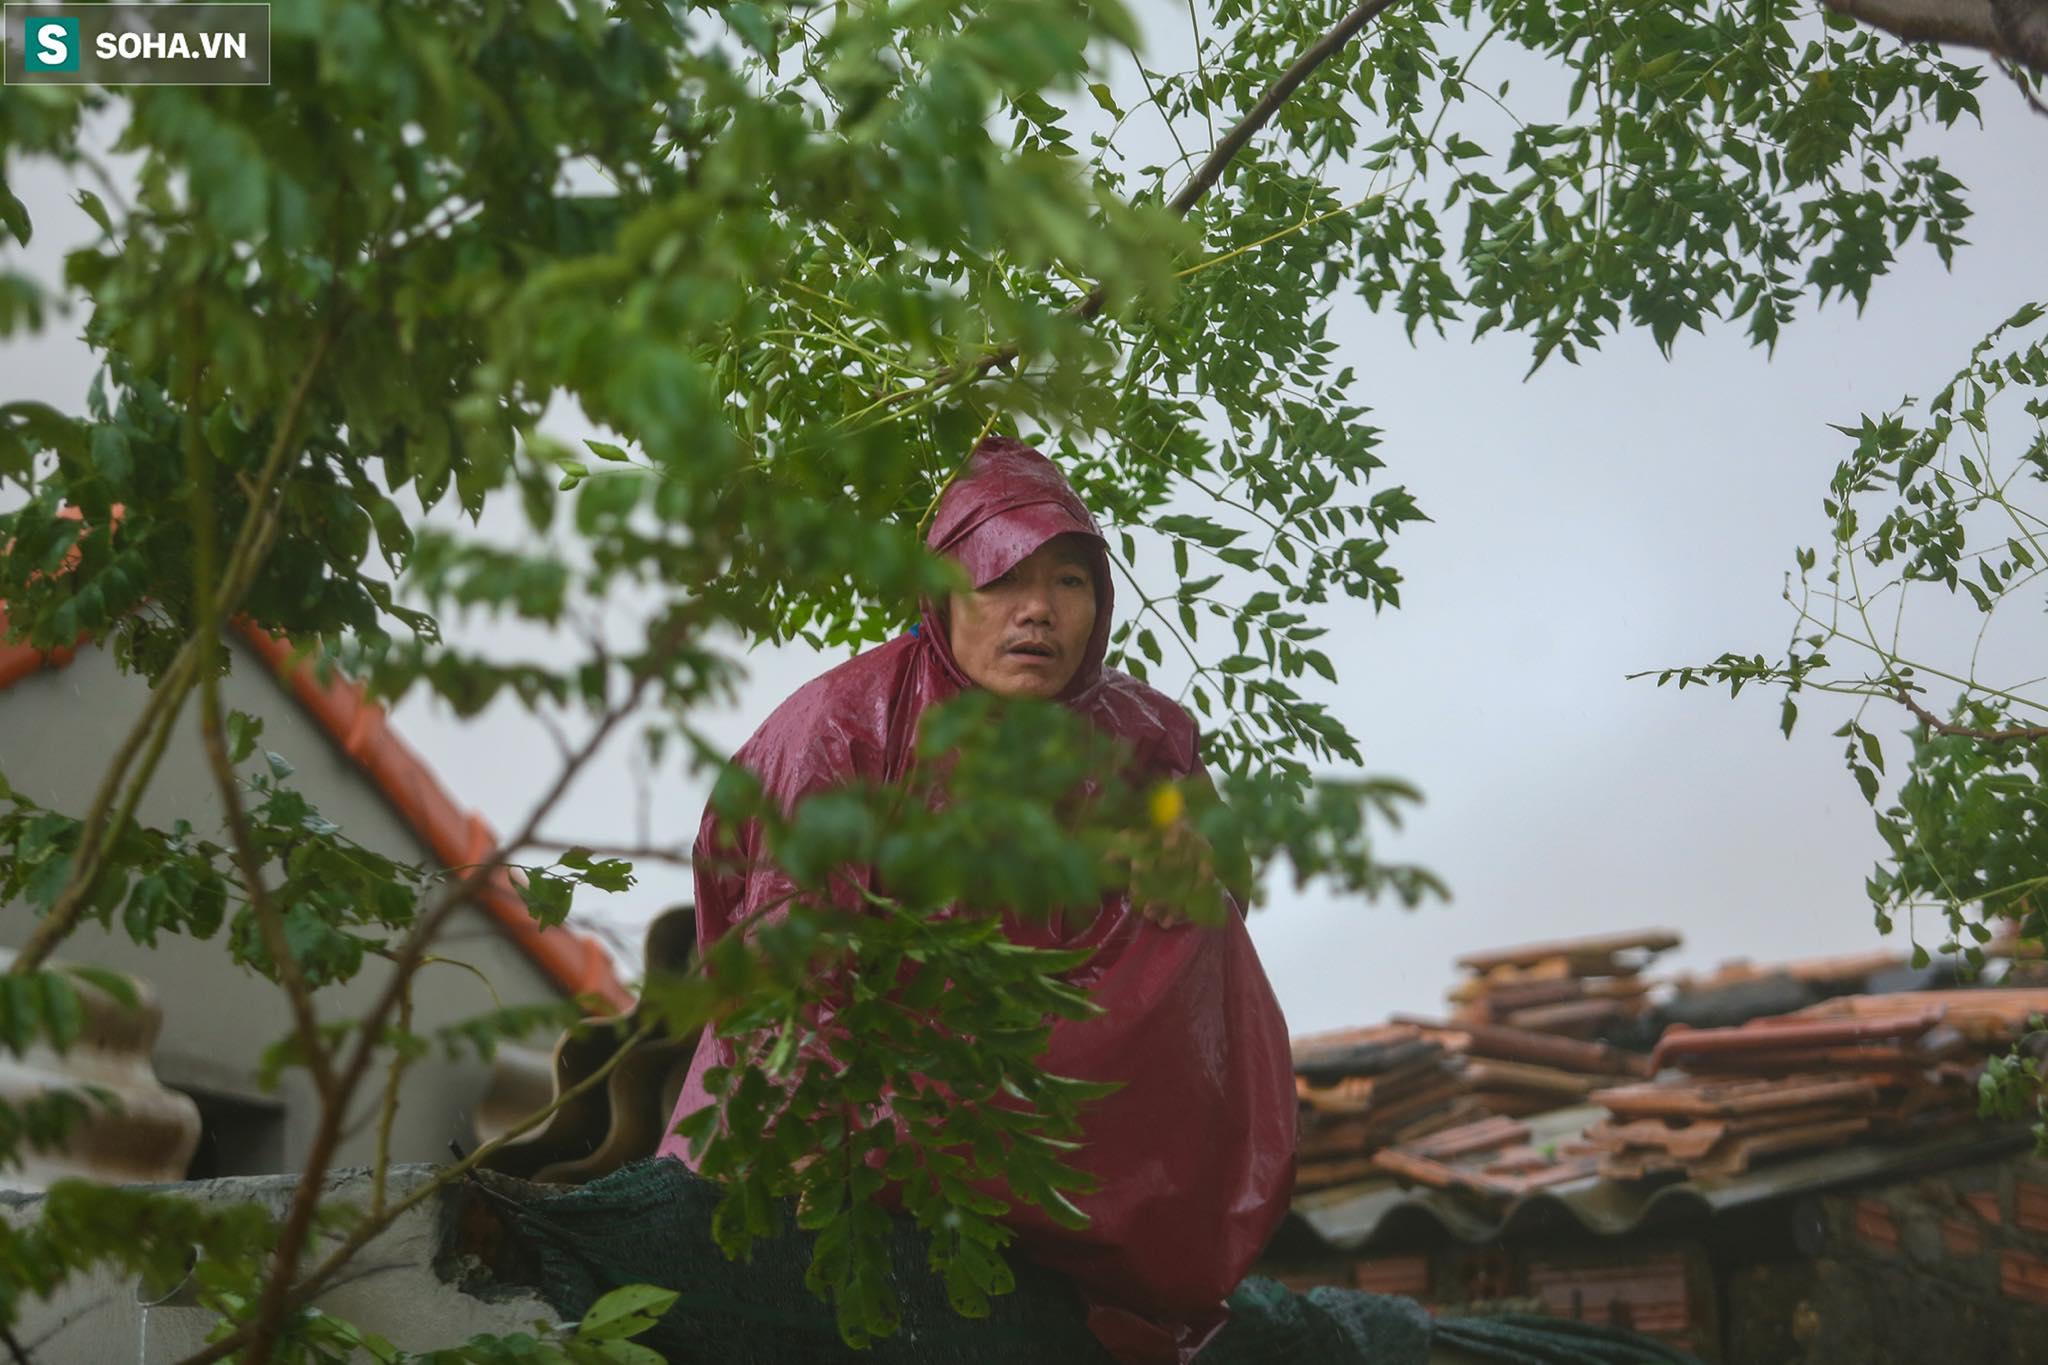 Những cánh tay 'cầu cứu' từ mái nhà trong cơn lũ lịch sử ở Quảng Bình - Ảnh 8.